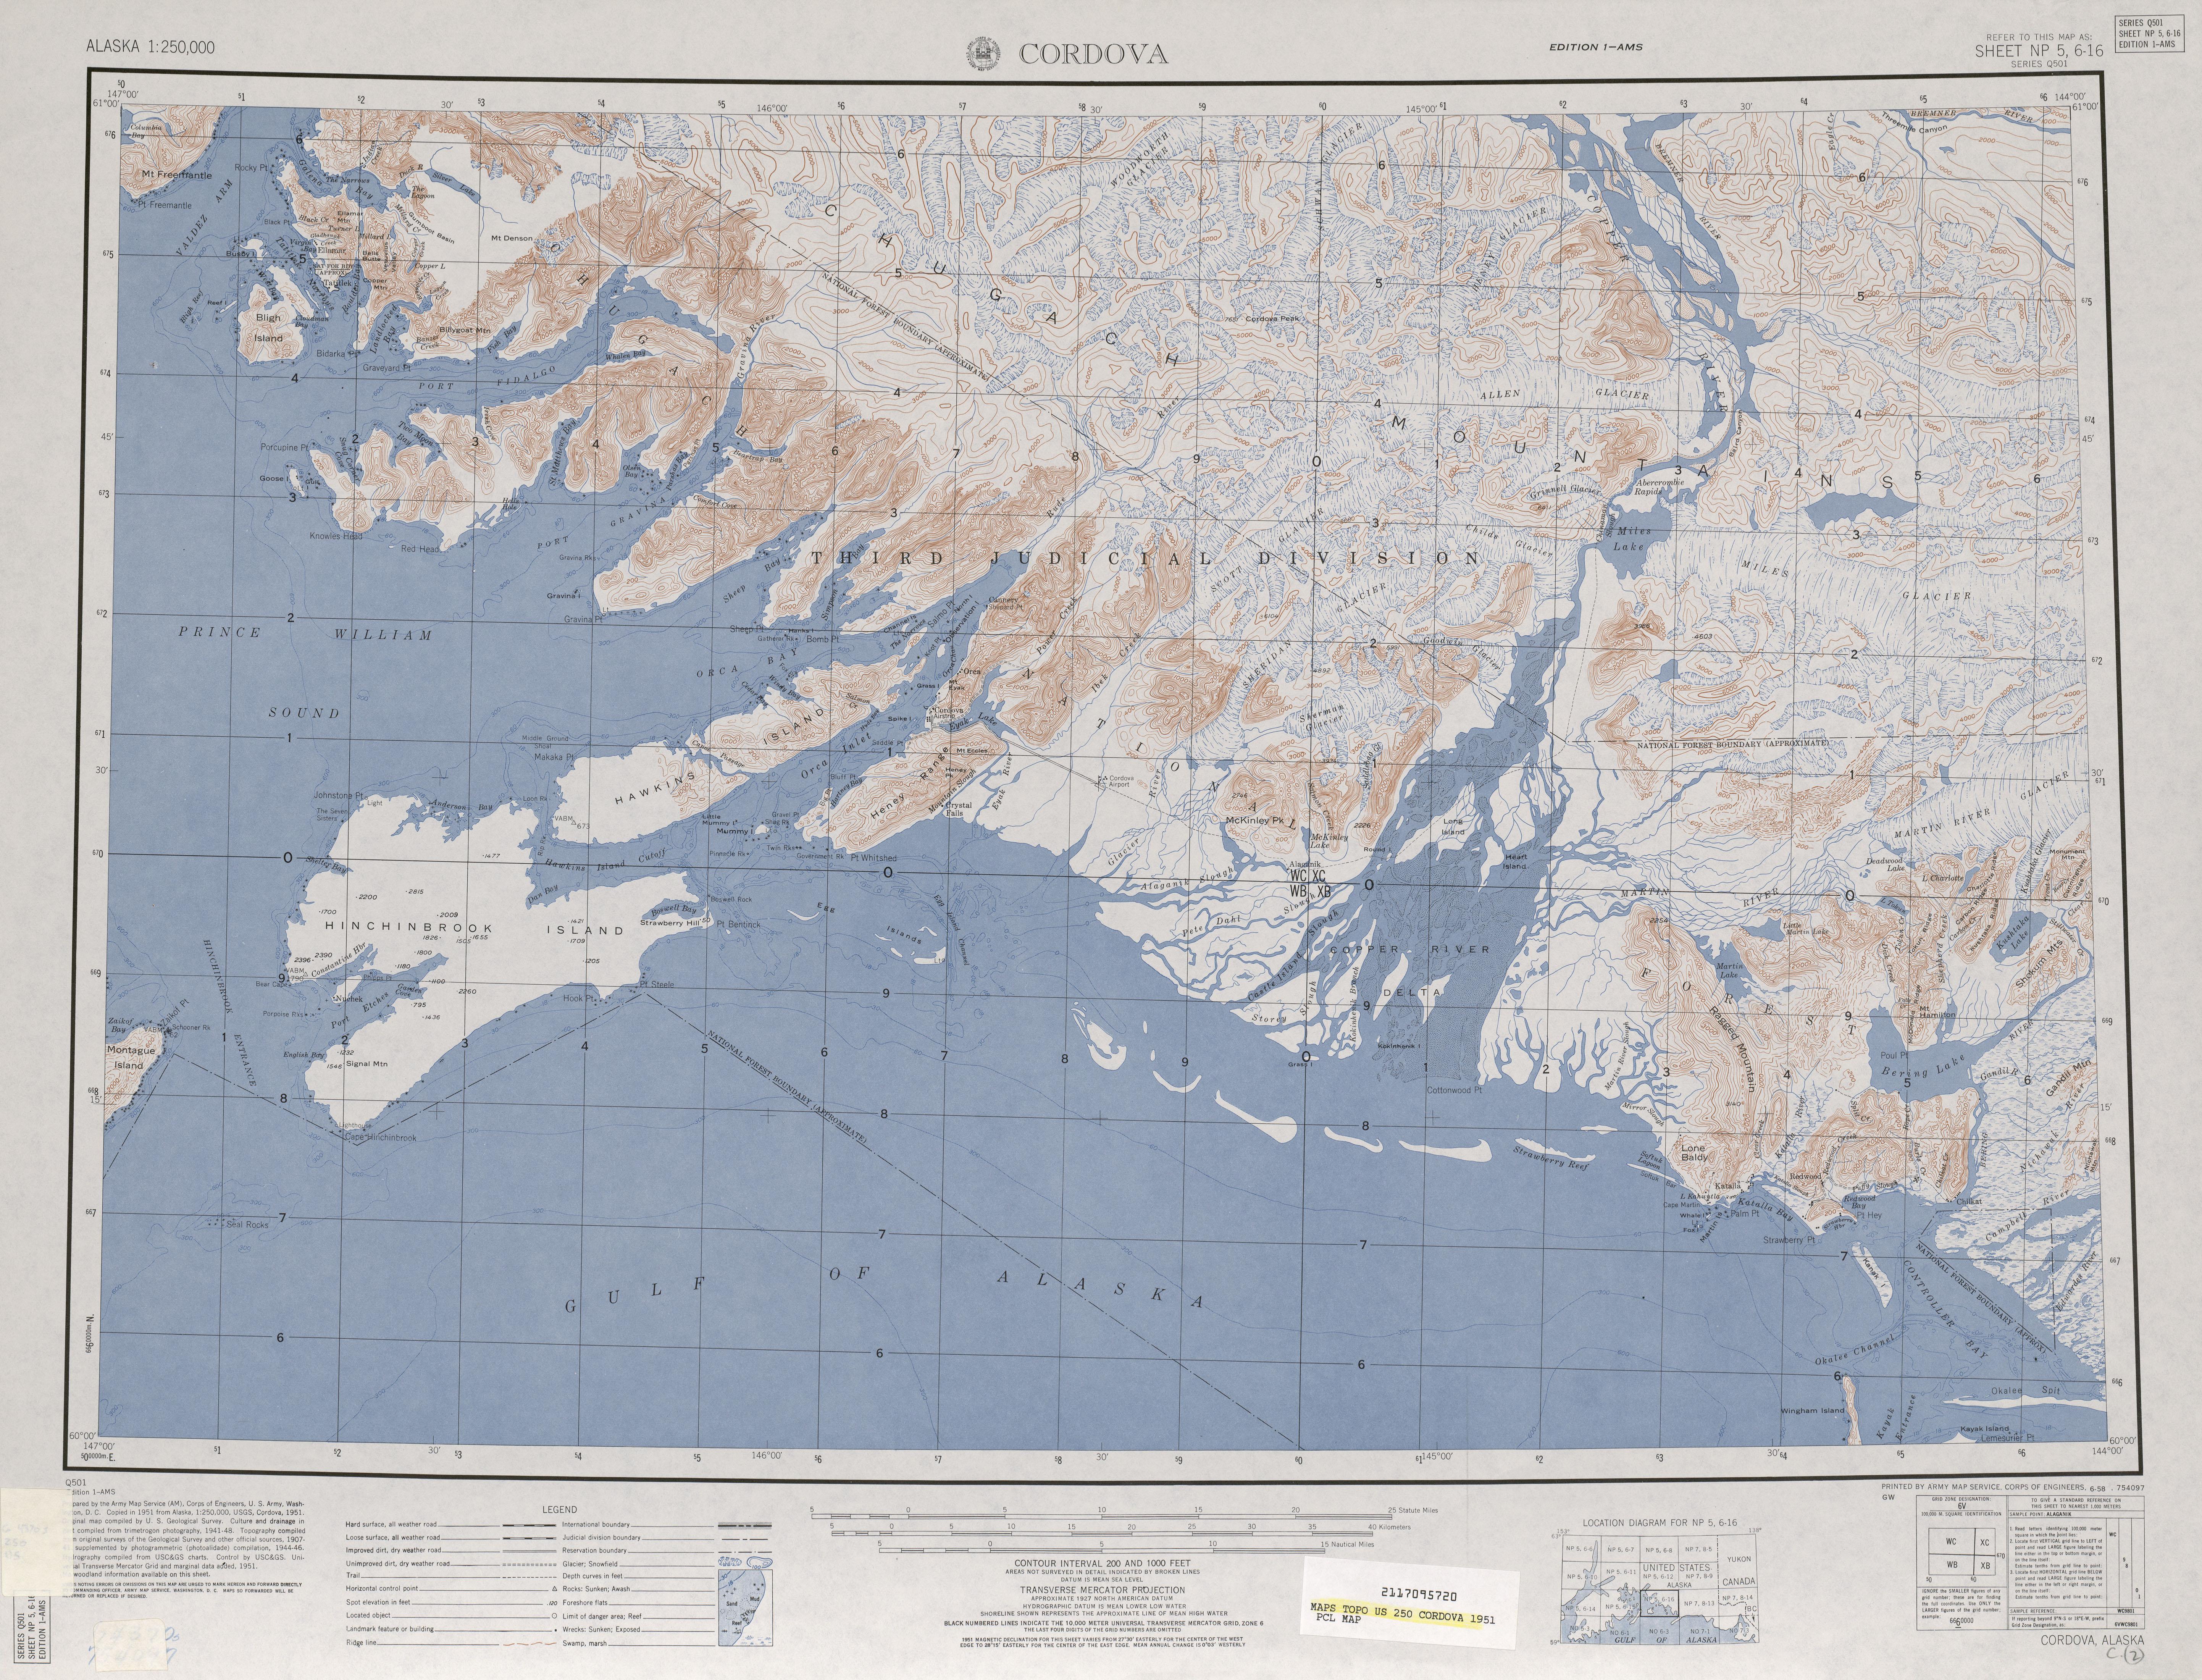 Hoja Cordova del Mapa Topográfico de los Estados Unidos 1951